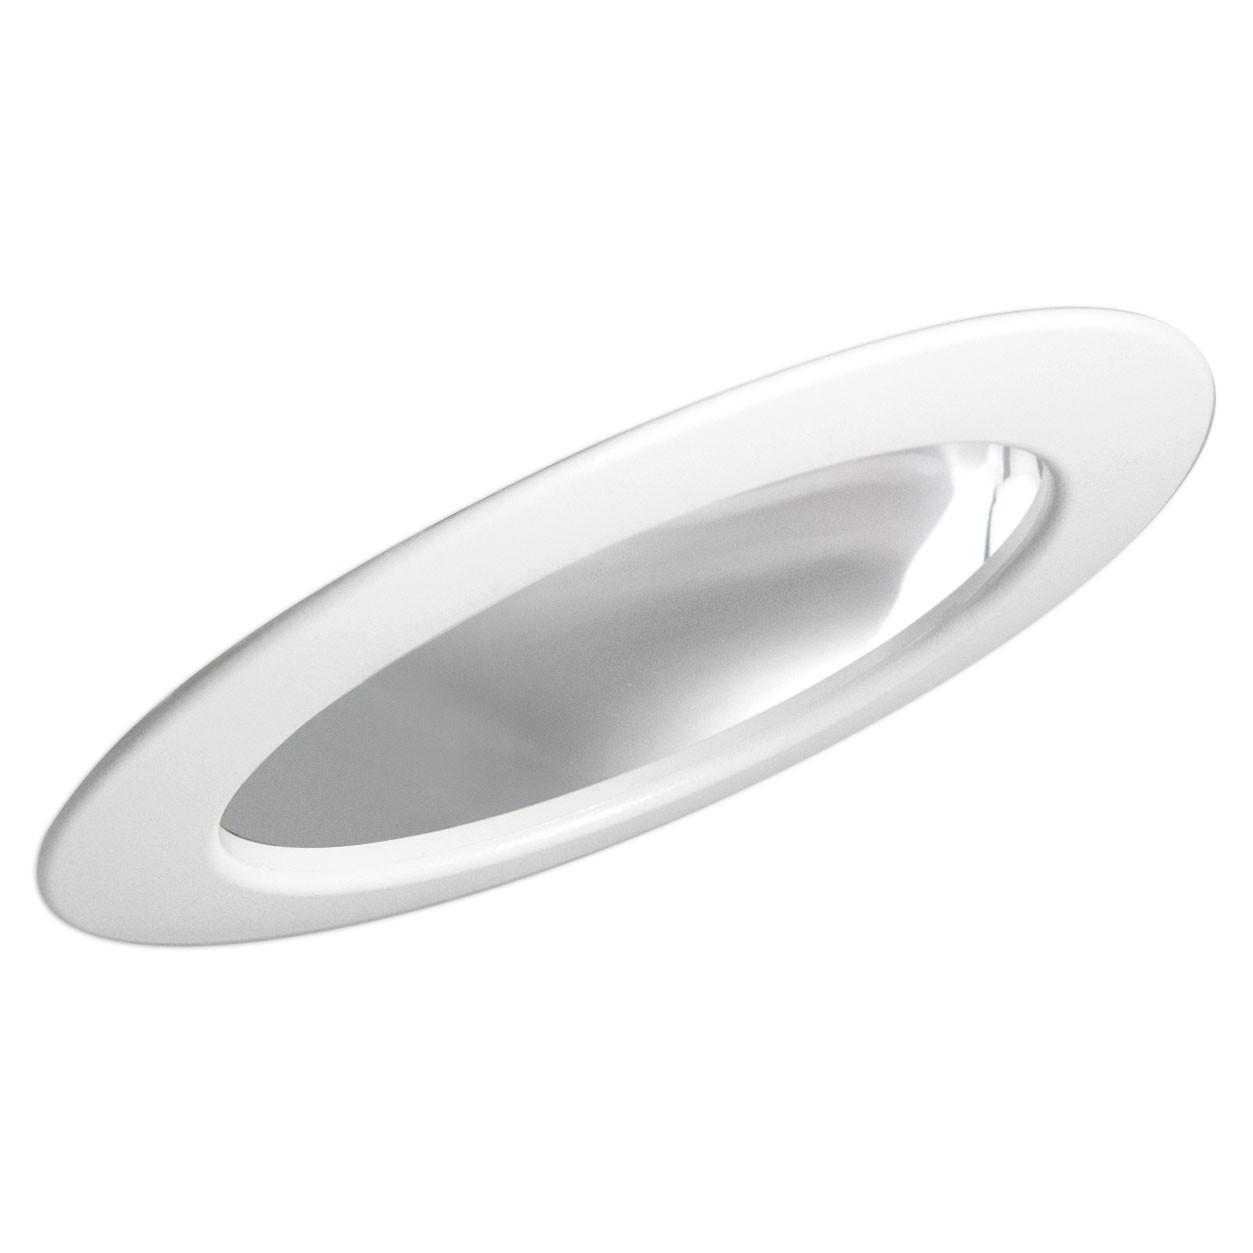 nora lighting offers sloped. Nora Lighting Offers Sloped. Nts-615c 6\\u201d Sloped Open White Trim E